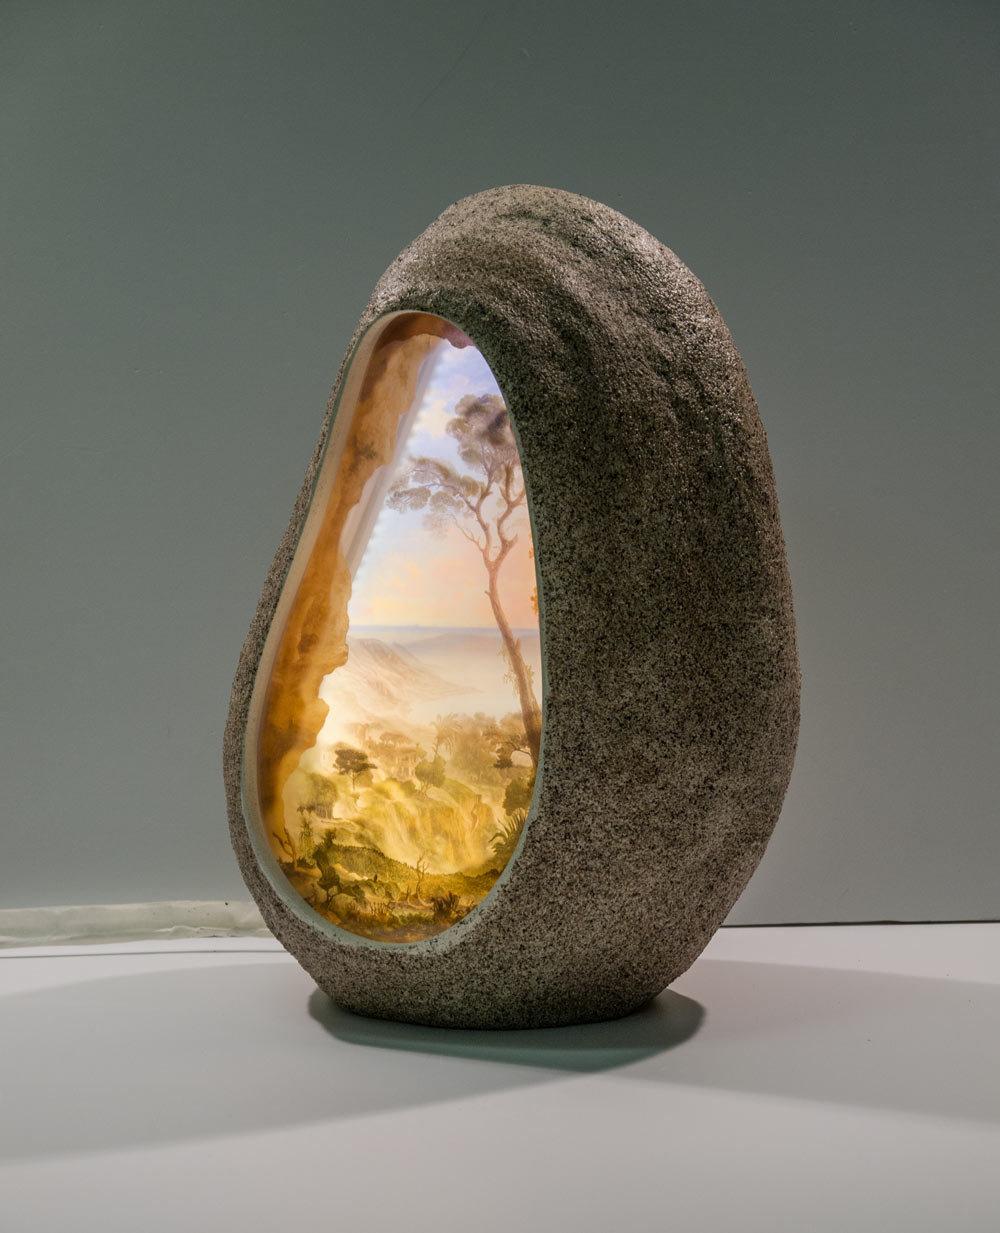 руками светильник своими из камня